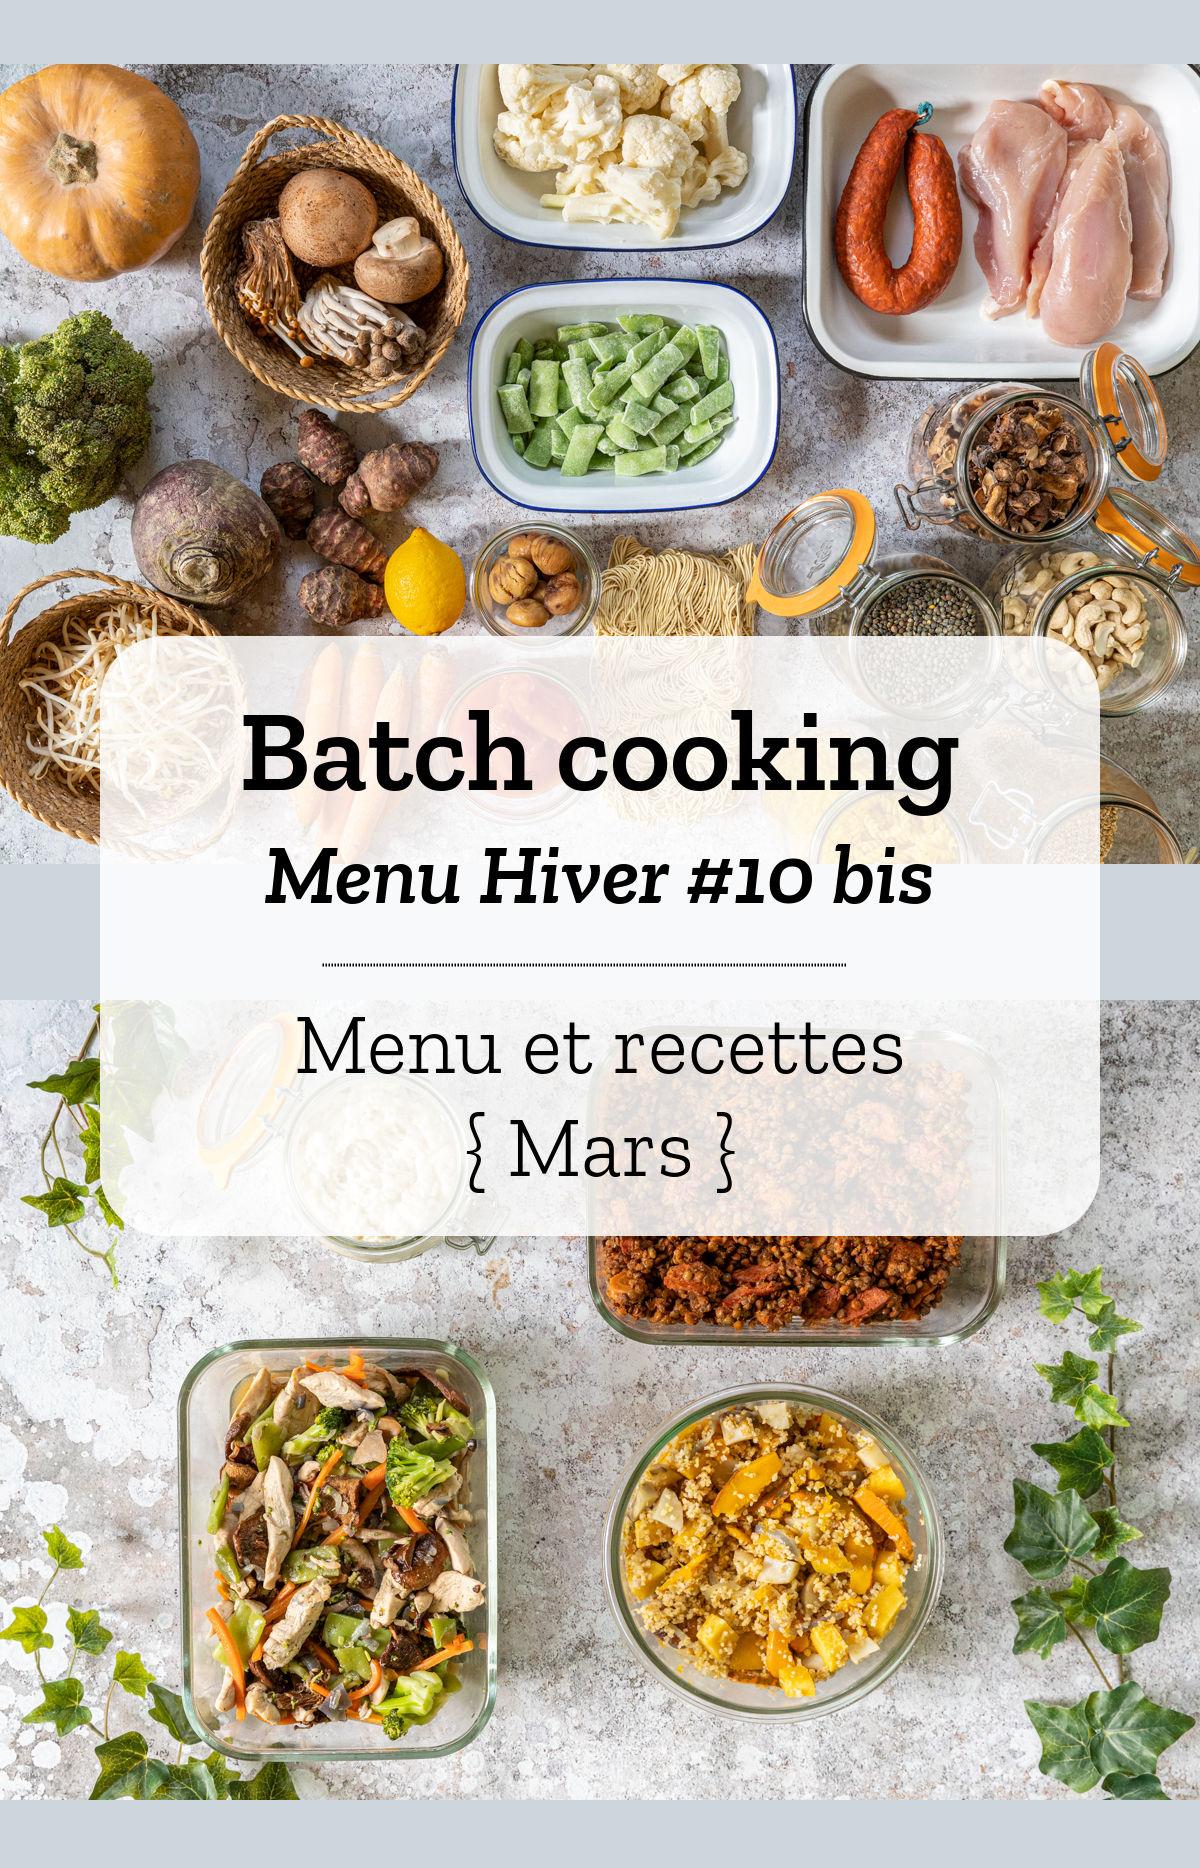 Batch cooking Hiver #10 bis - Mois de Mars 2021 - Semaine 9